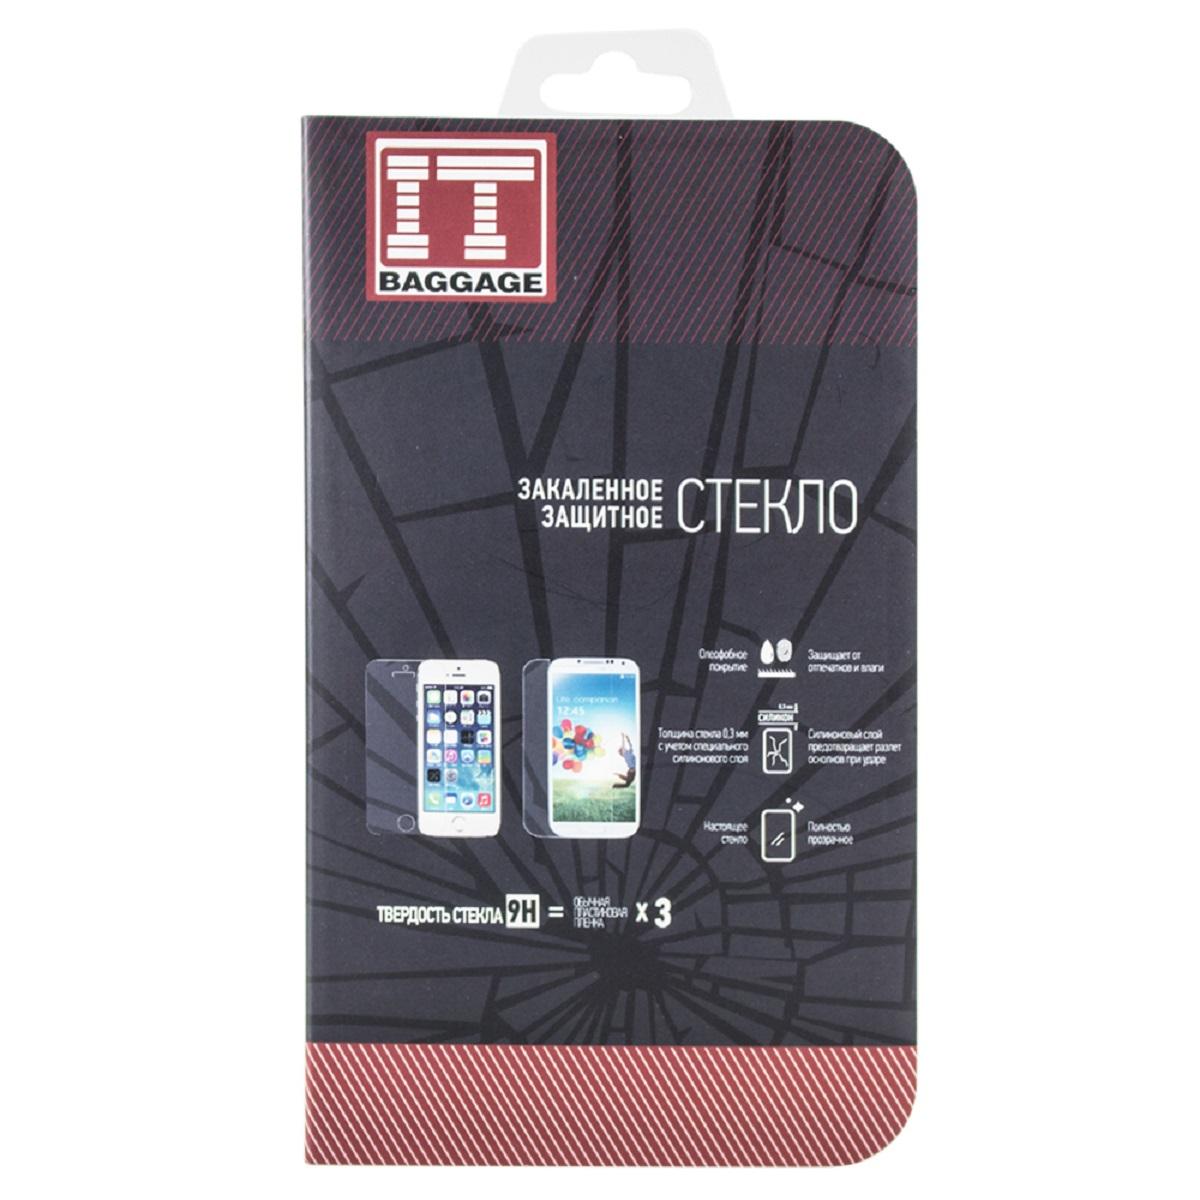 IT Baggage защитное стекло для Asus ZenFone 2 Laser ZE500KL/ZE500KGITASZE500KLGЗакаленное стекло IT Baggage для Asus ZenFone 2 Laser ZE500KL/ZE500KG - это самый верный способ защитить экран от повреждений и загрязнений. Обладает высочайшим уровнем прозрачности и совершенно не влияет на отклик экранного сенсора и качество изображения. Препятствует появлению отпечатков и пятен. Удалить следы жира и косметики с поверхности аксессуара не составить ни какого труда. Характеристики защитного стекла делают его износостойким к таким механическим повреждениям, как царапины, сколы, потертости. При сильном ударе разбившееся стекло не разлетается на осколки, предохраняя вас от порезов, а экран устройства от повреждений. После снятия защитного стекла с поверхности дисплея, на нем не остаются повреждения, такие как потертости и царапины.